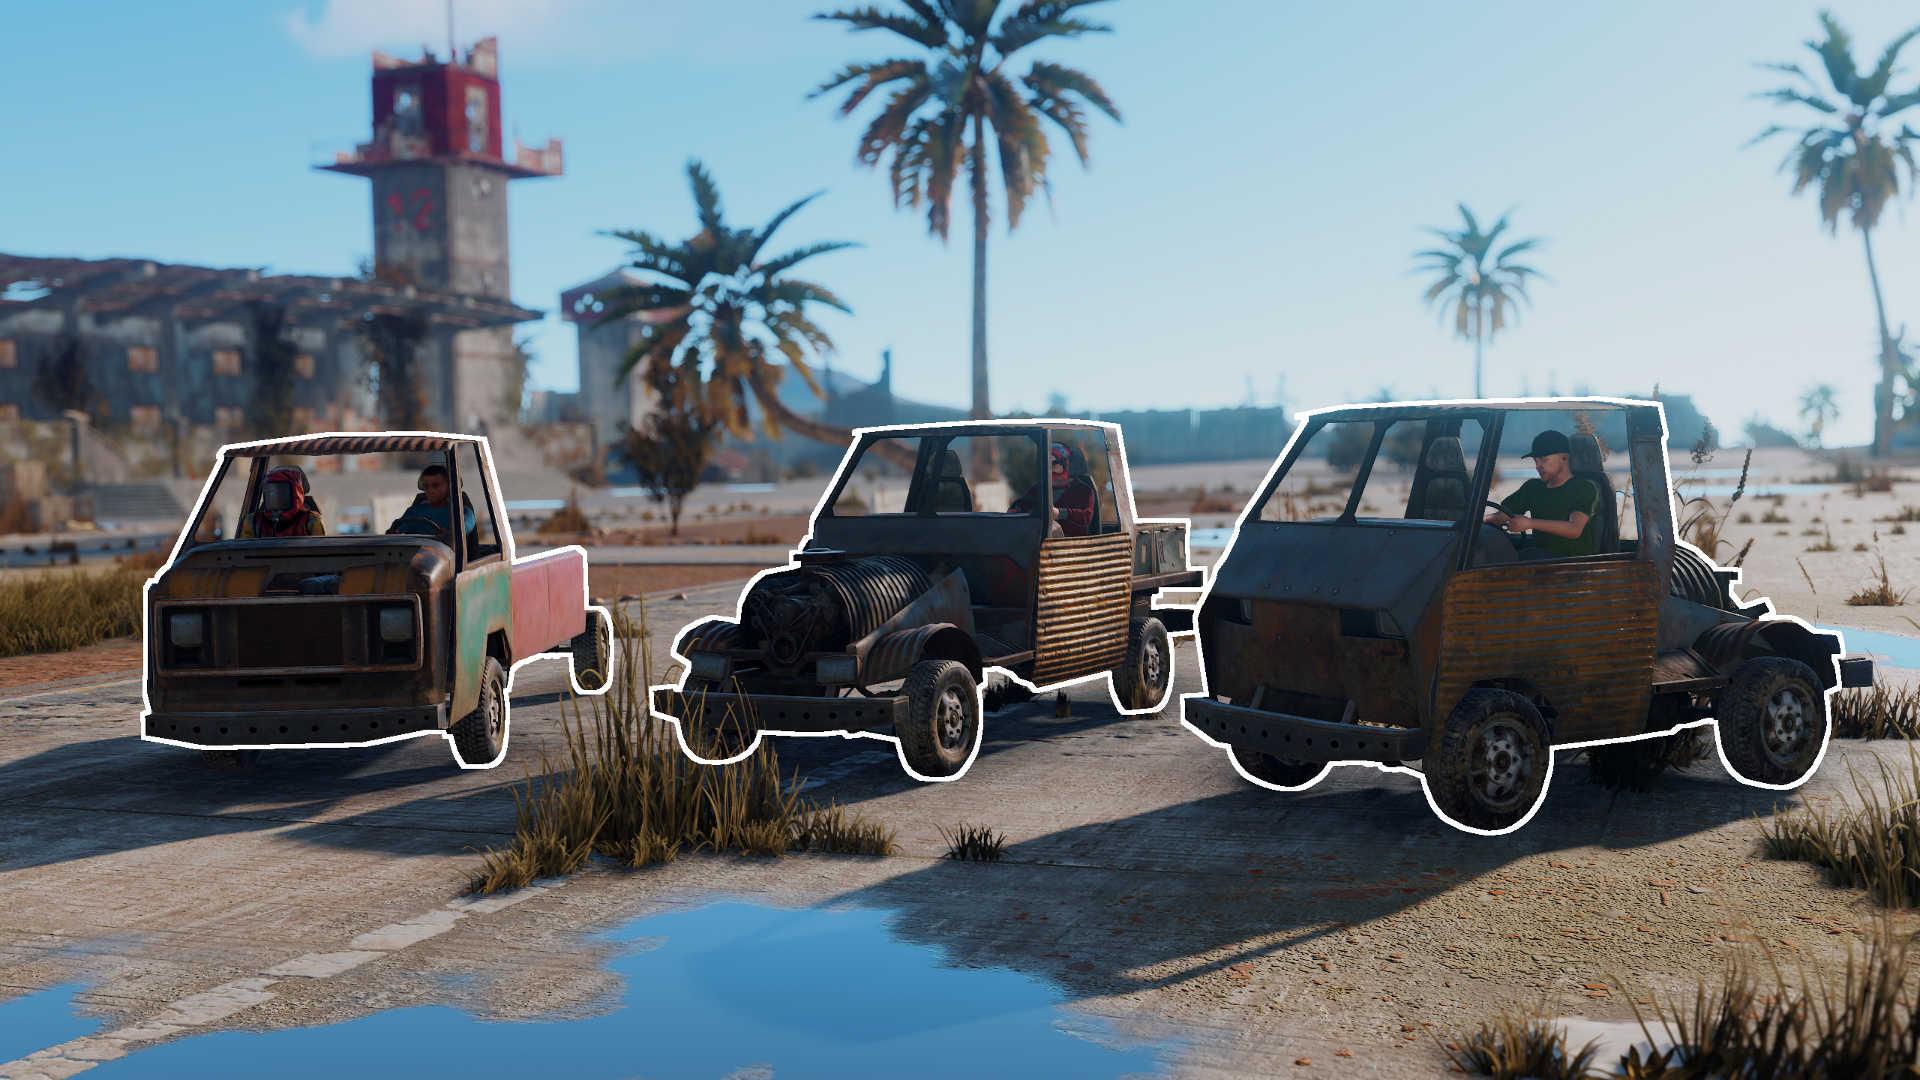 Drei verschiedene Autos in Rust - Das sind die Fahrzeugtypen